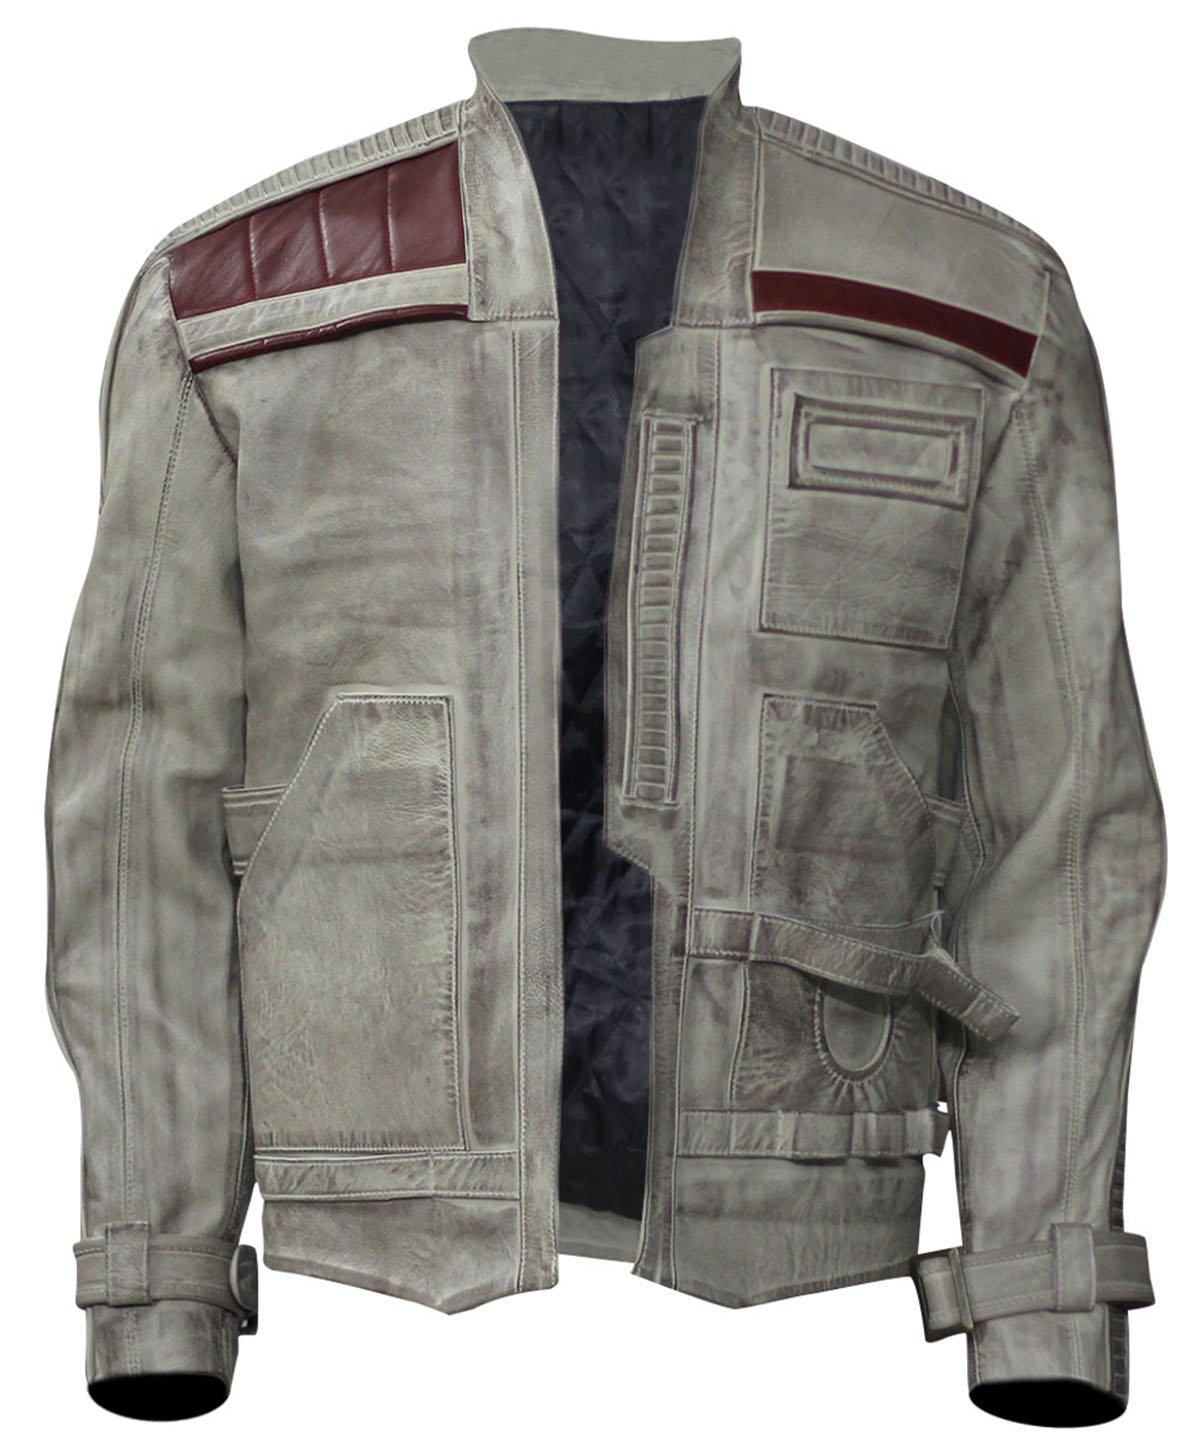 Fine Star Wars The Force Awakens Finn/Poe Dameron Jacket